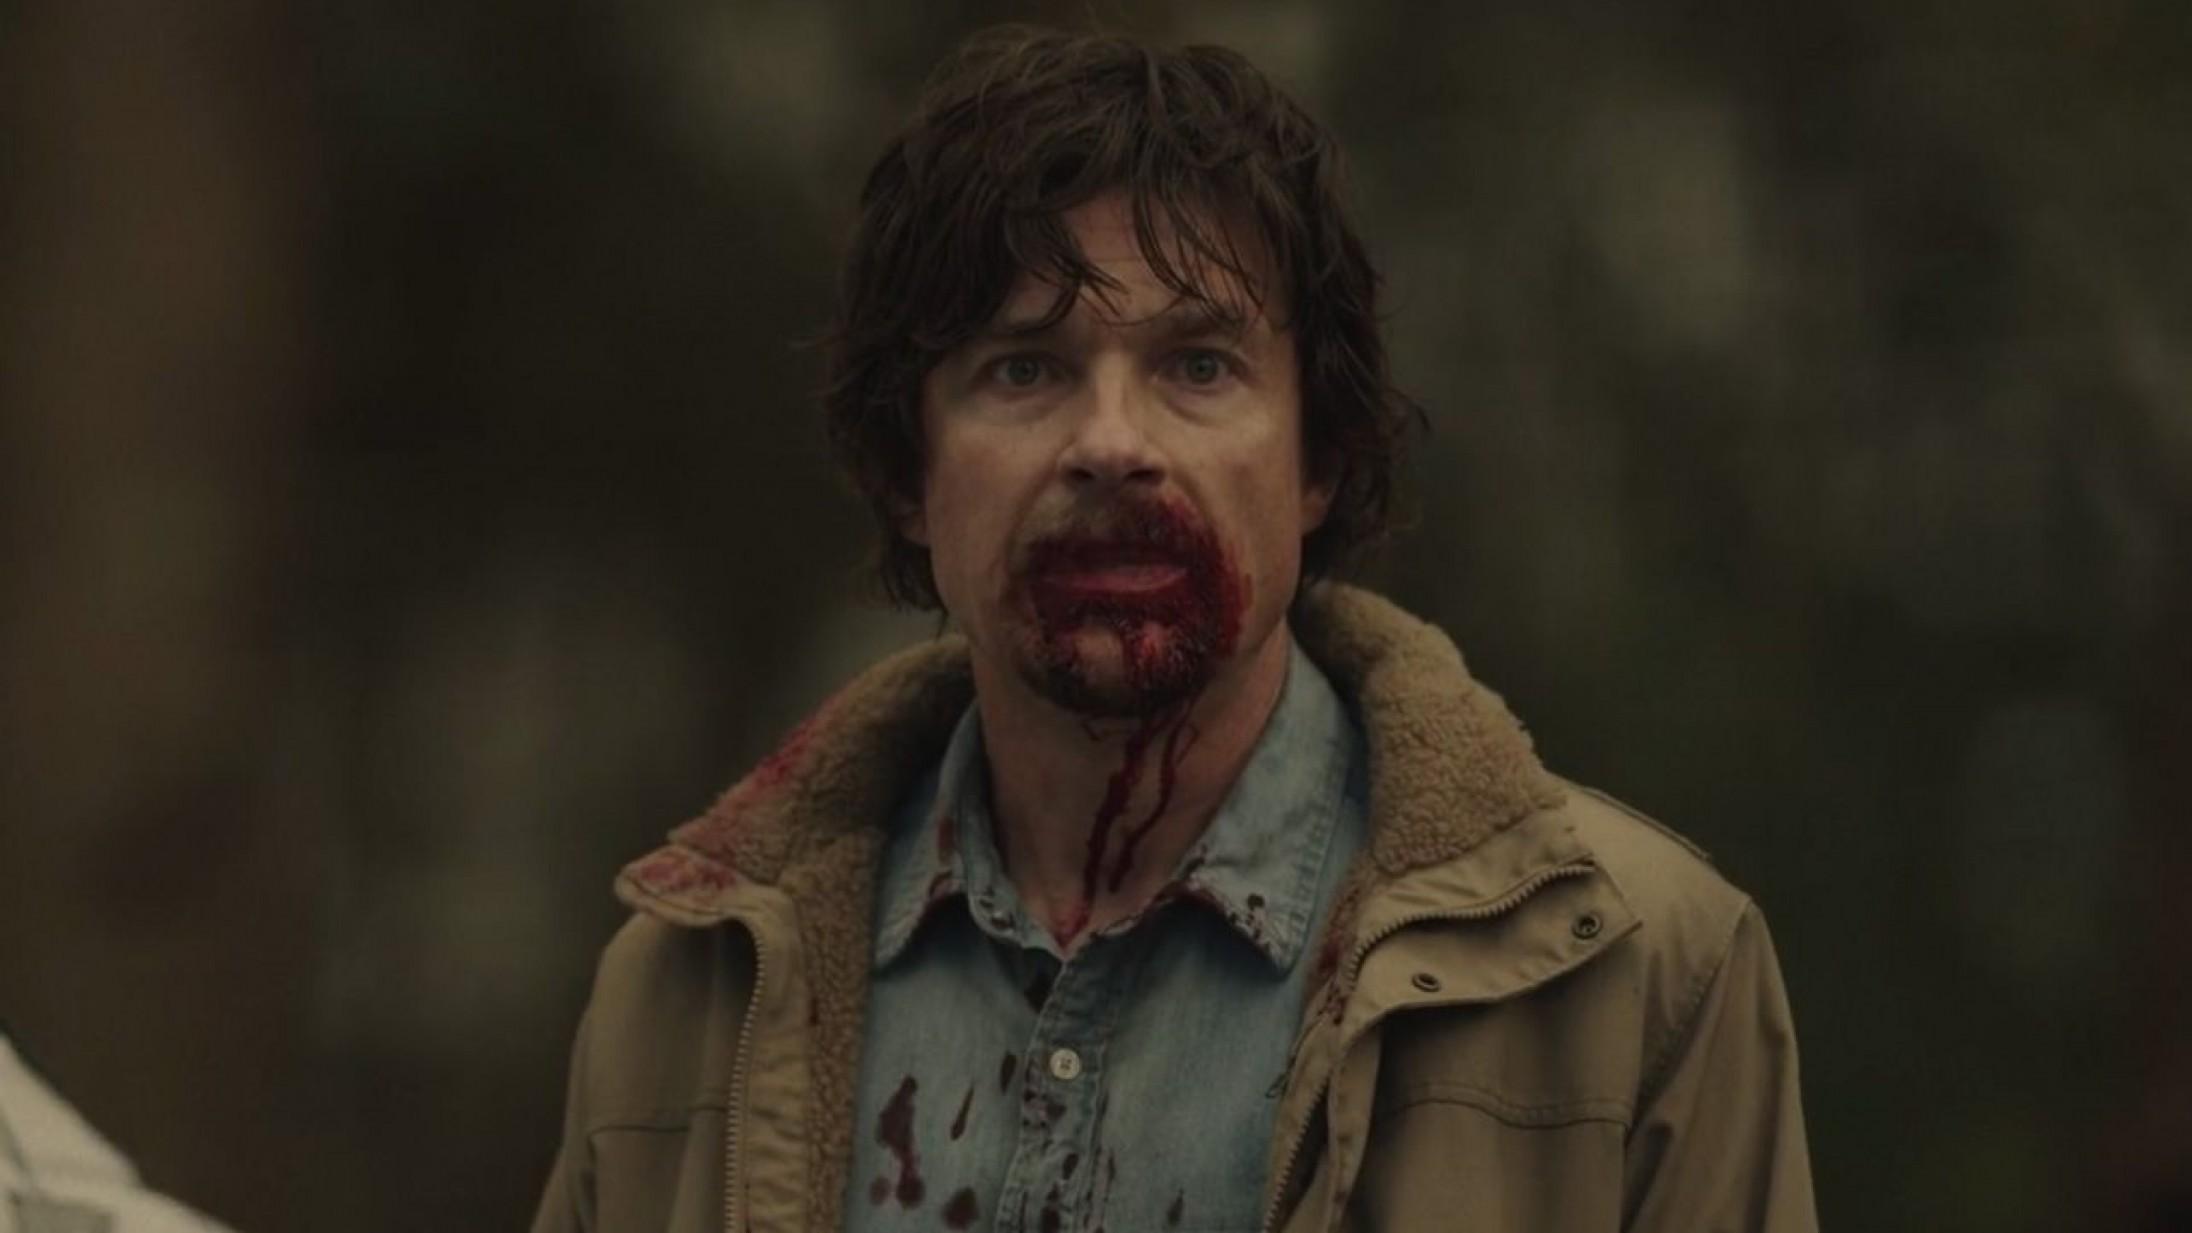 'The Outsider' er på vej til at blive den bedste Stephen King-serie til dato – men det kan stadig gå galt